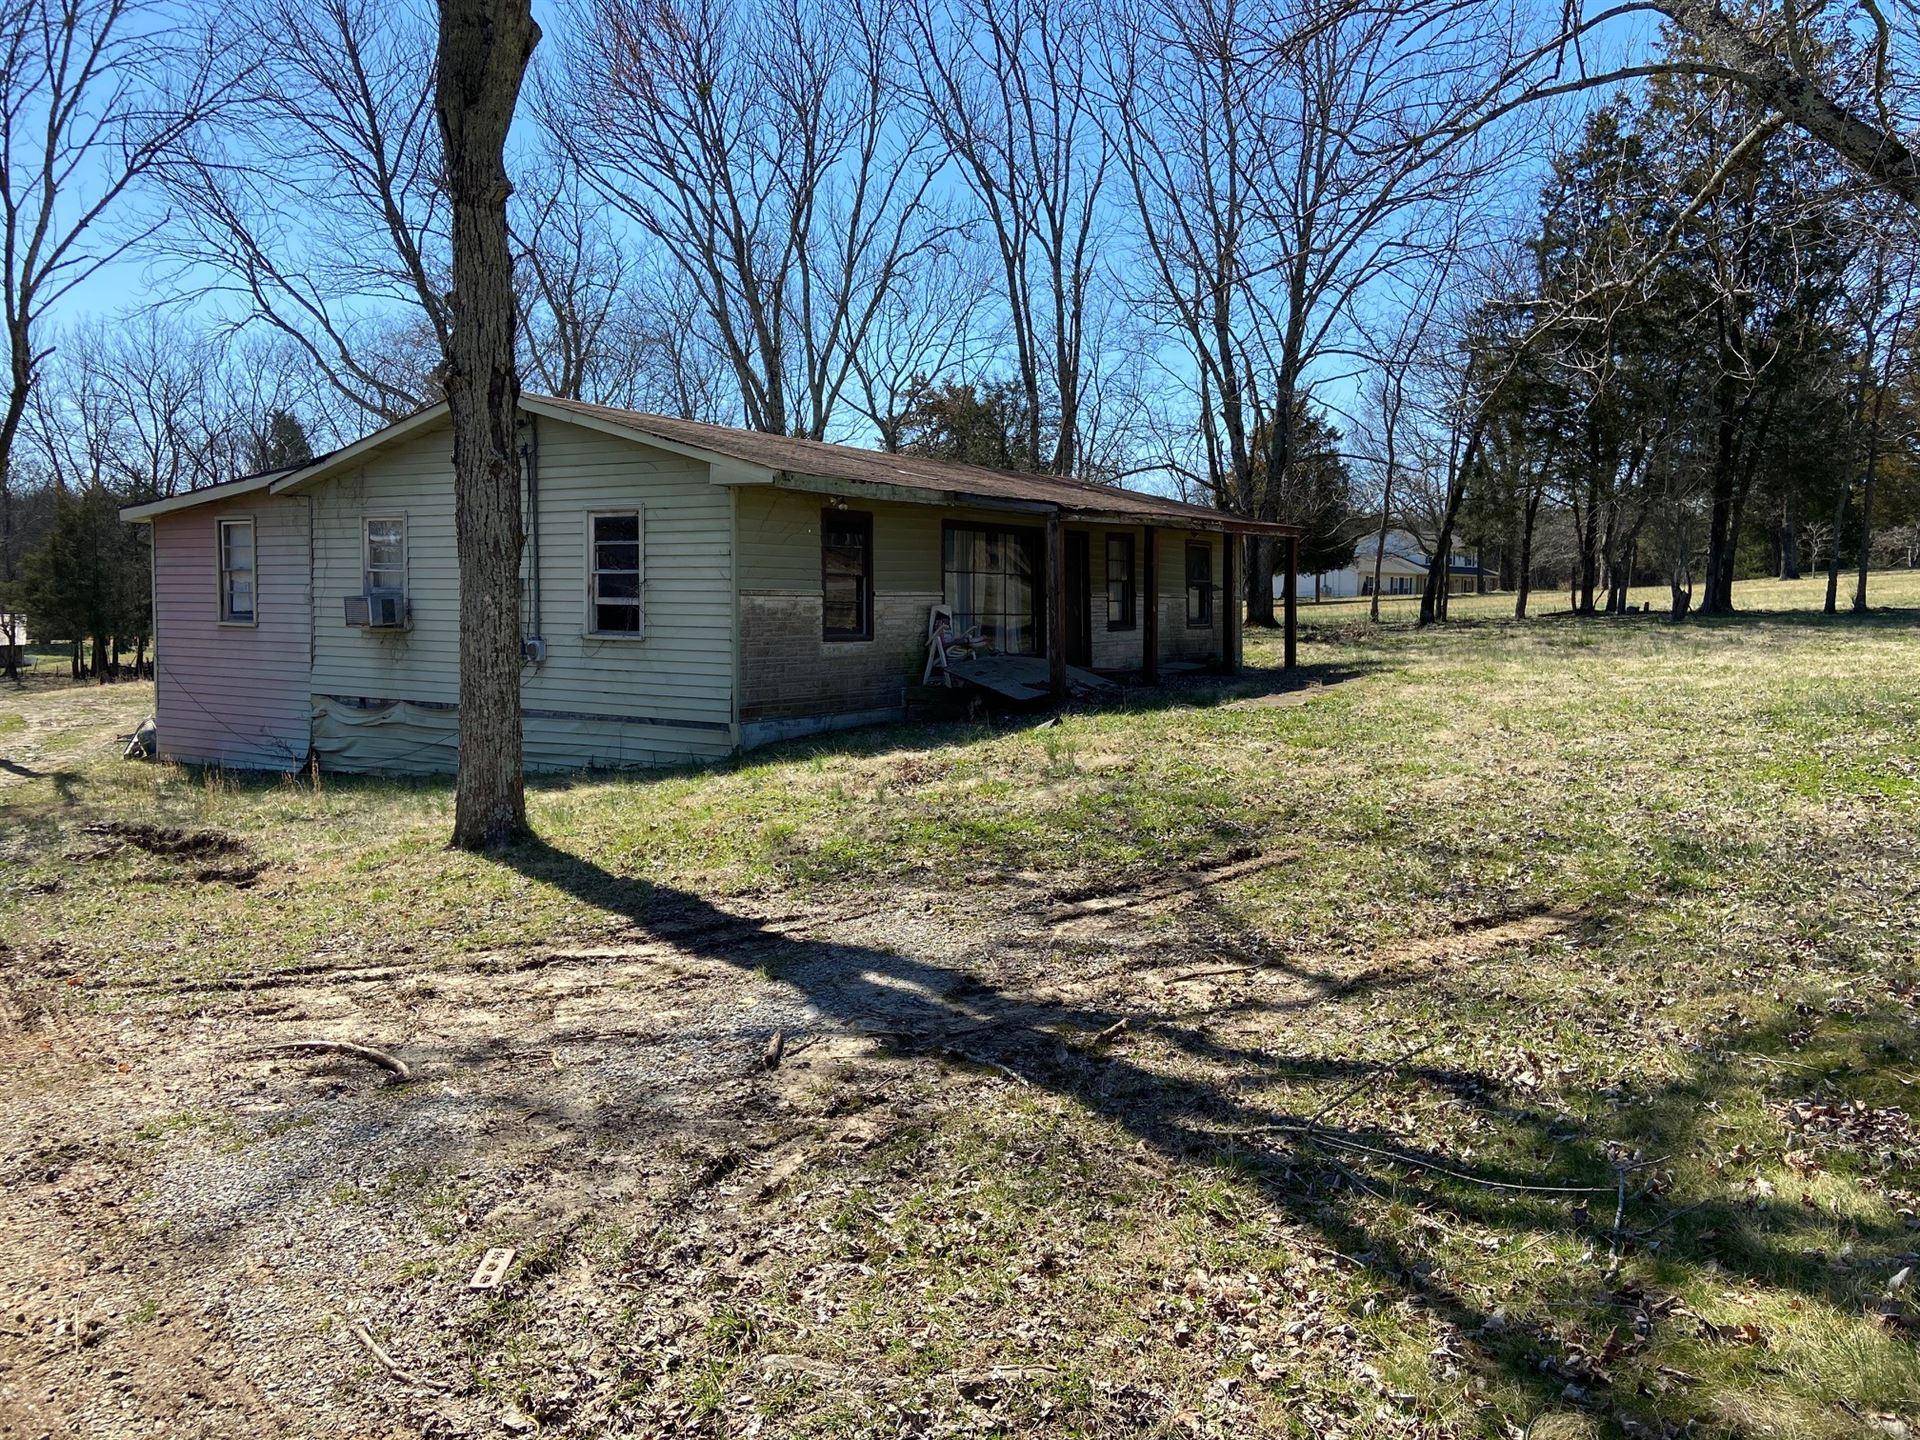 13585 Old Hickory Blvd, Antioch, TN 37013 - MLS#: 2233222